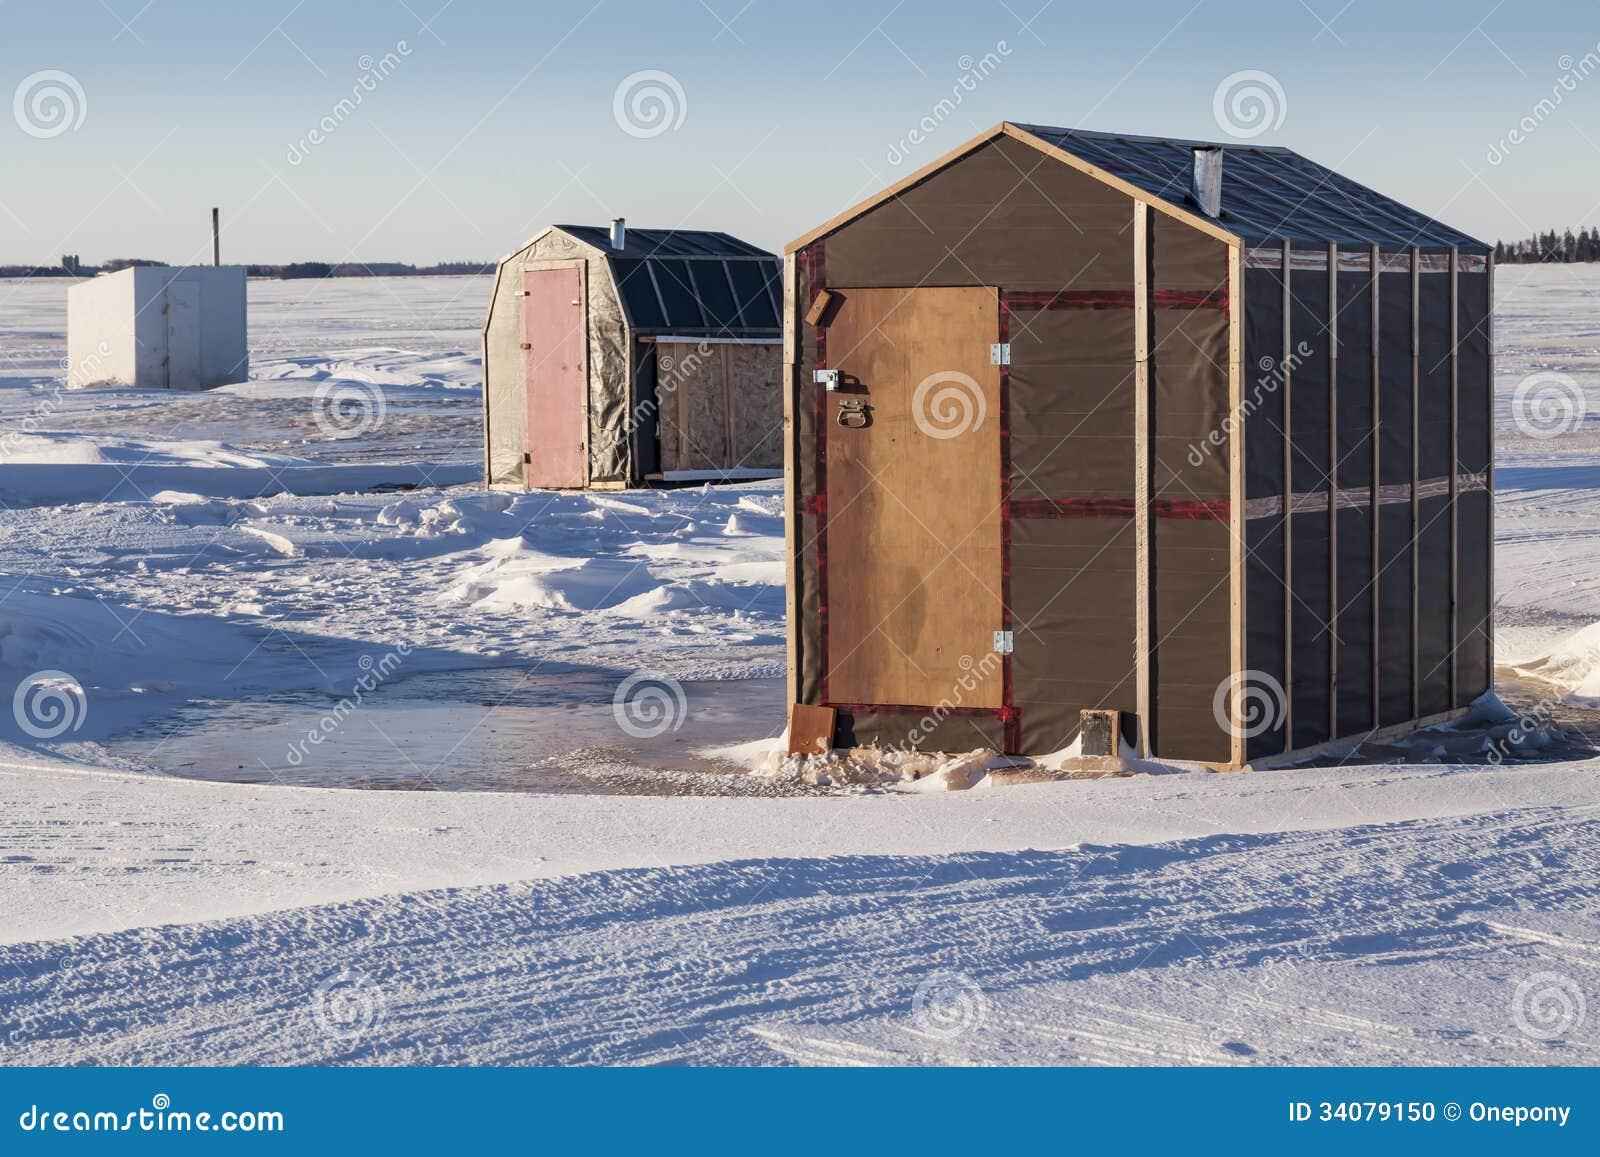 Ice fishing shacks stock photo image 34079150 for Ice fishing shacks